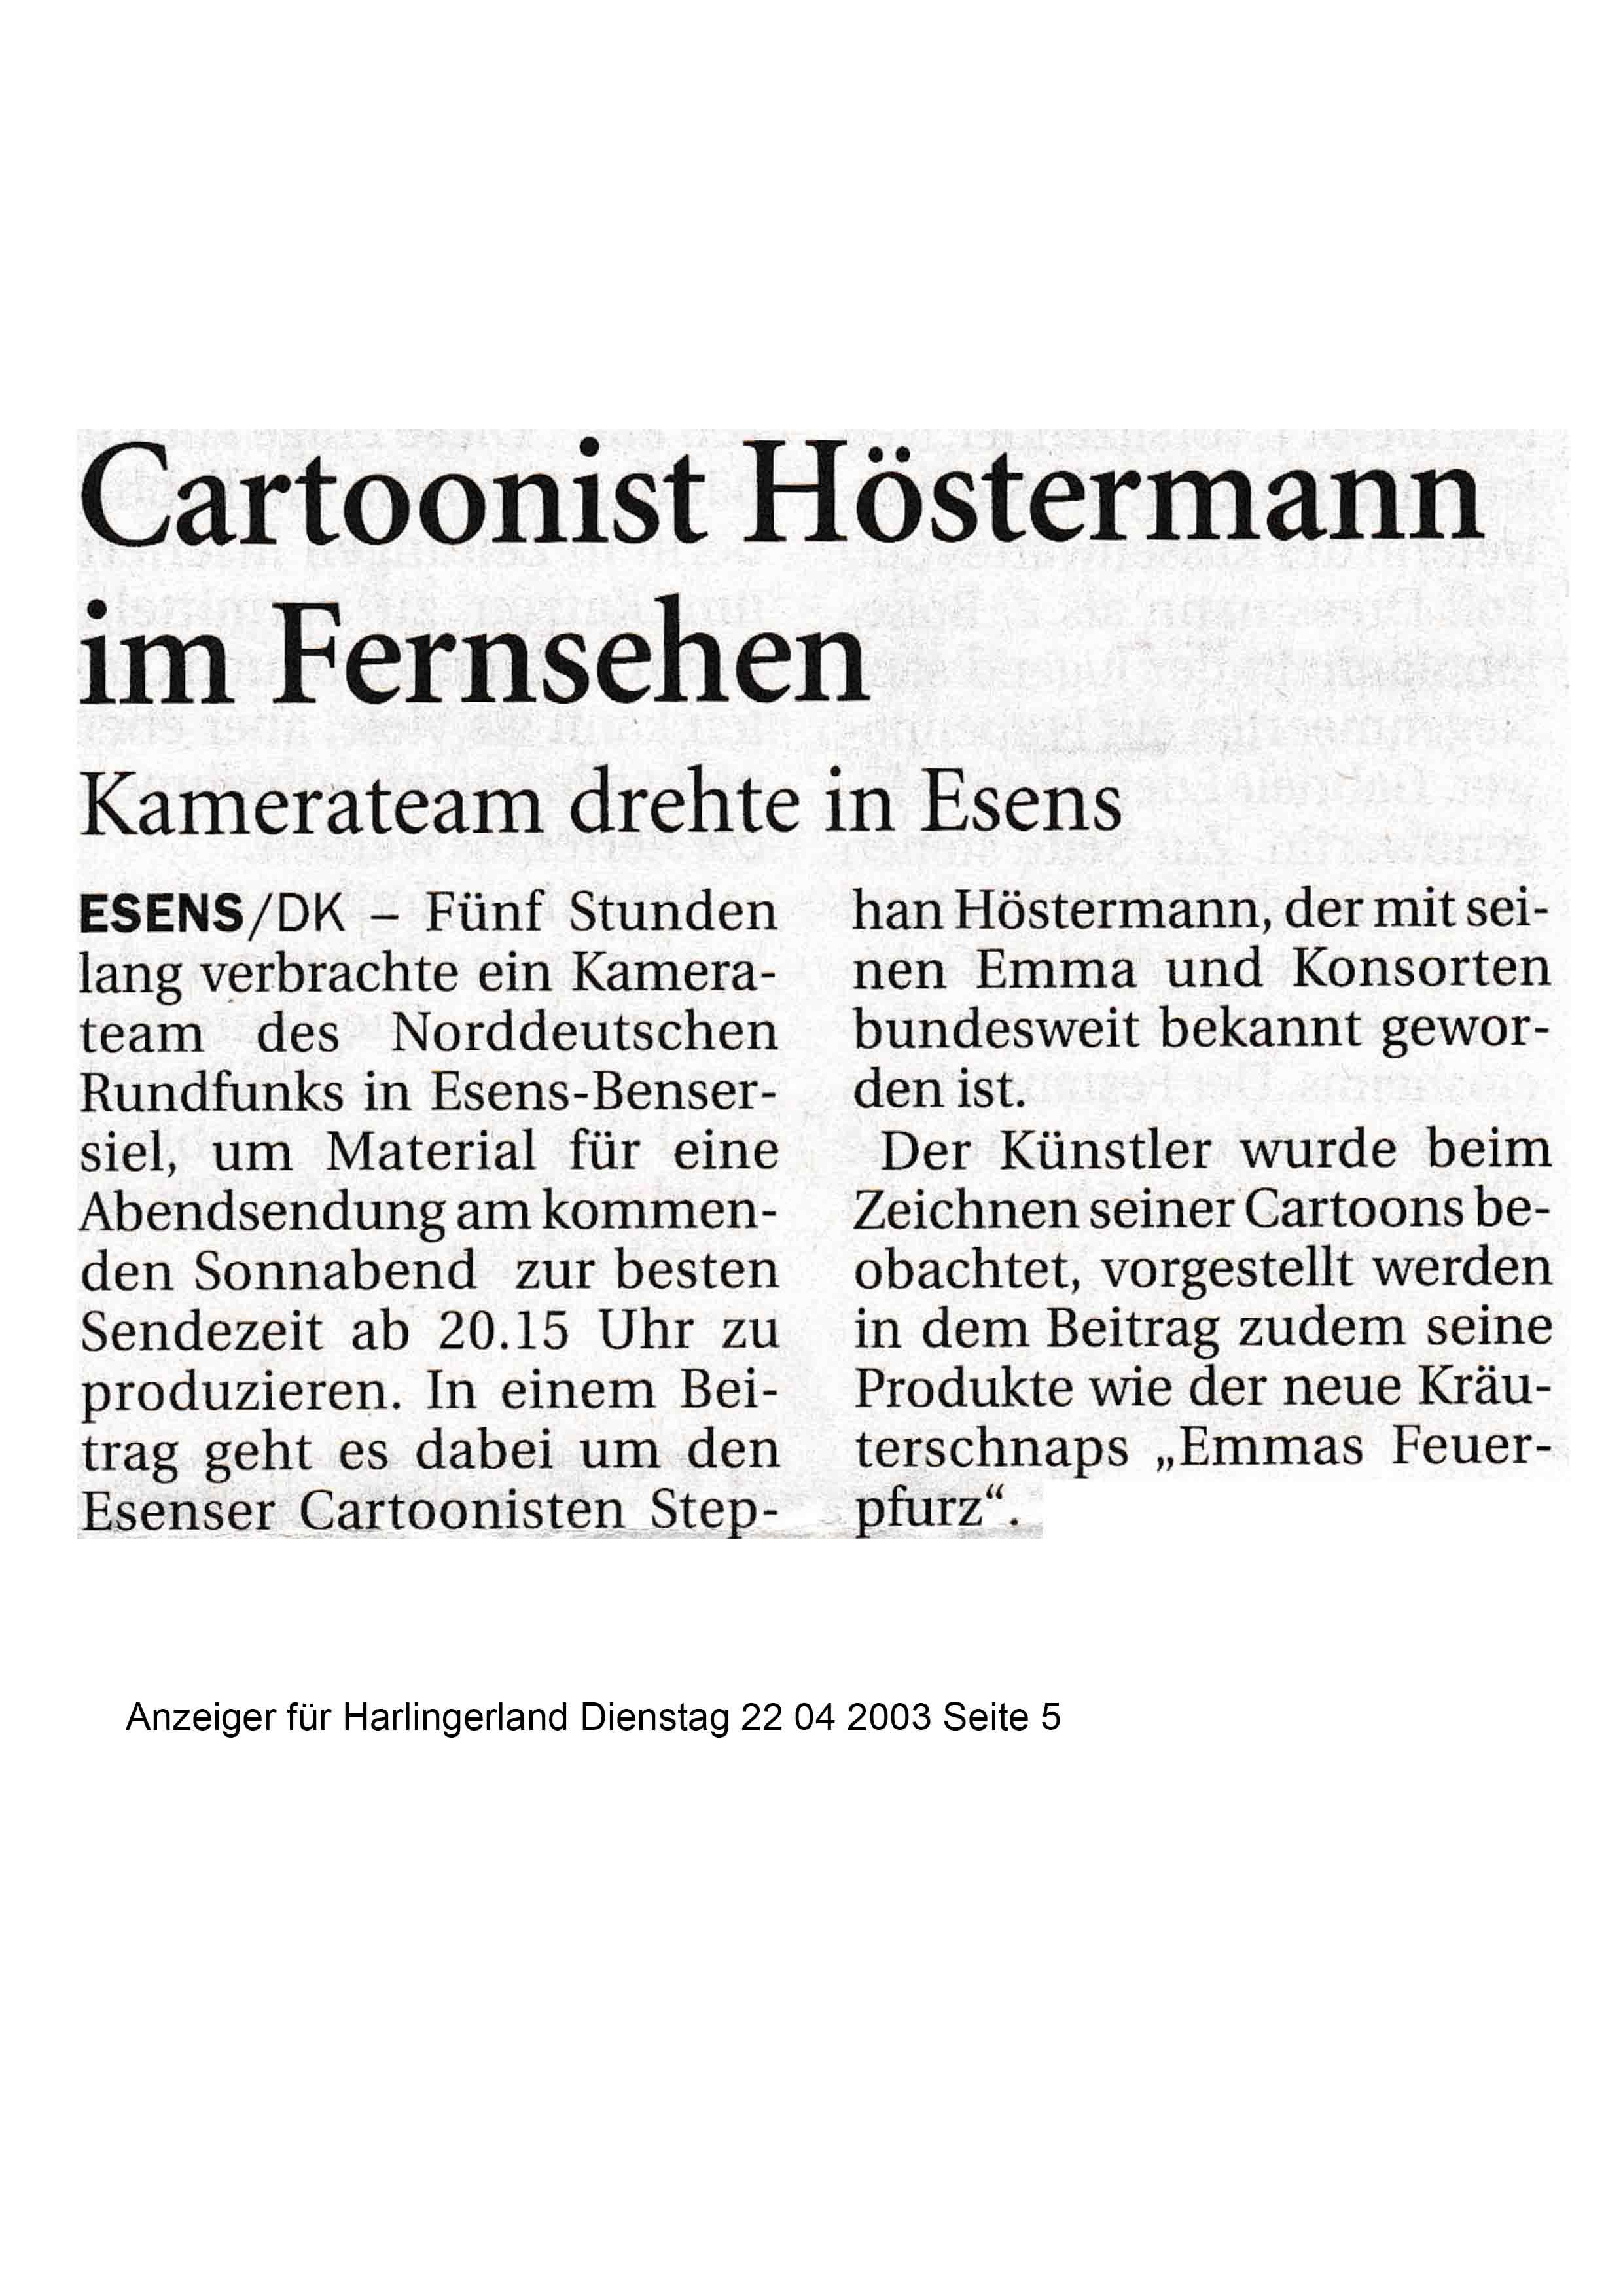 Anzeiger für Harlingerland Dienstag 22 04 2003 Seite 5